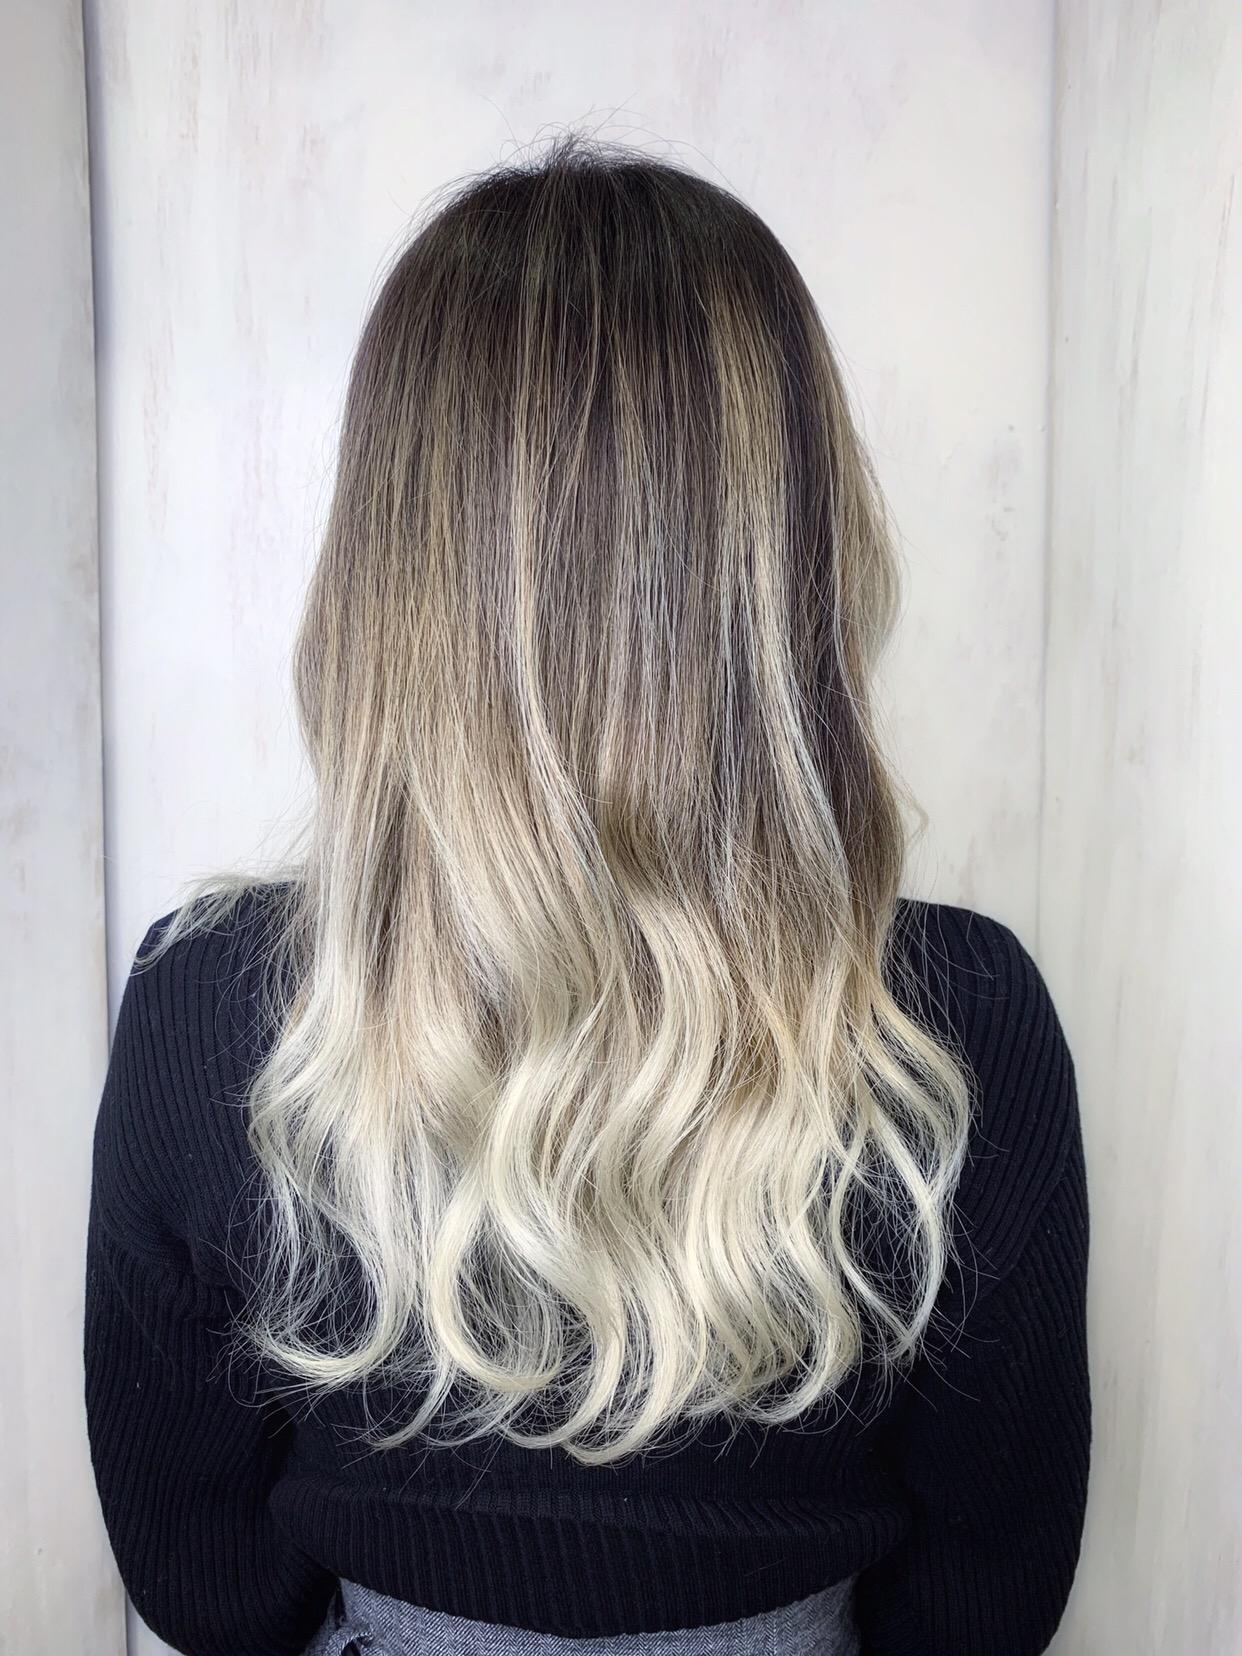 ジュエリーシステムで【切れ毛】を作らないホワイトブリーチ。原宿・表参道『1000人をツヤ髪にヘアケア美容師の挑戦』